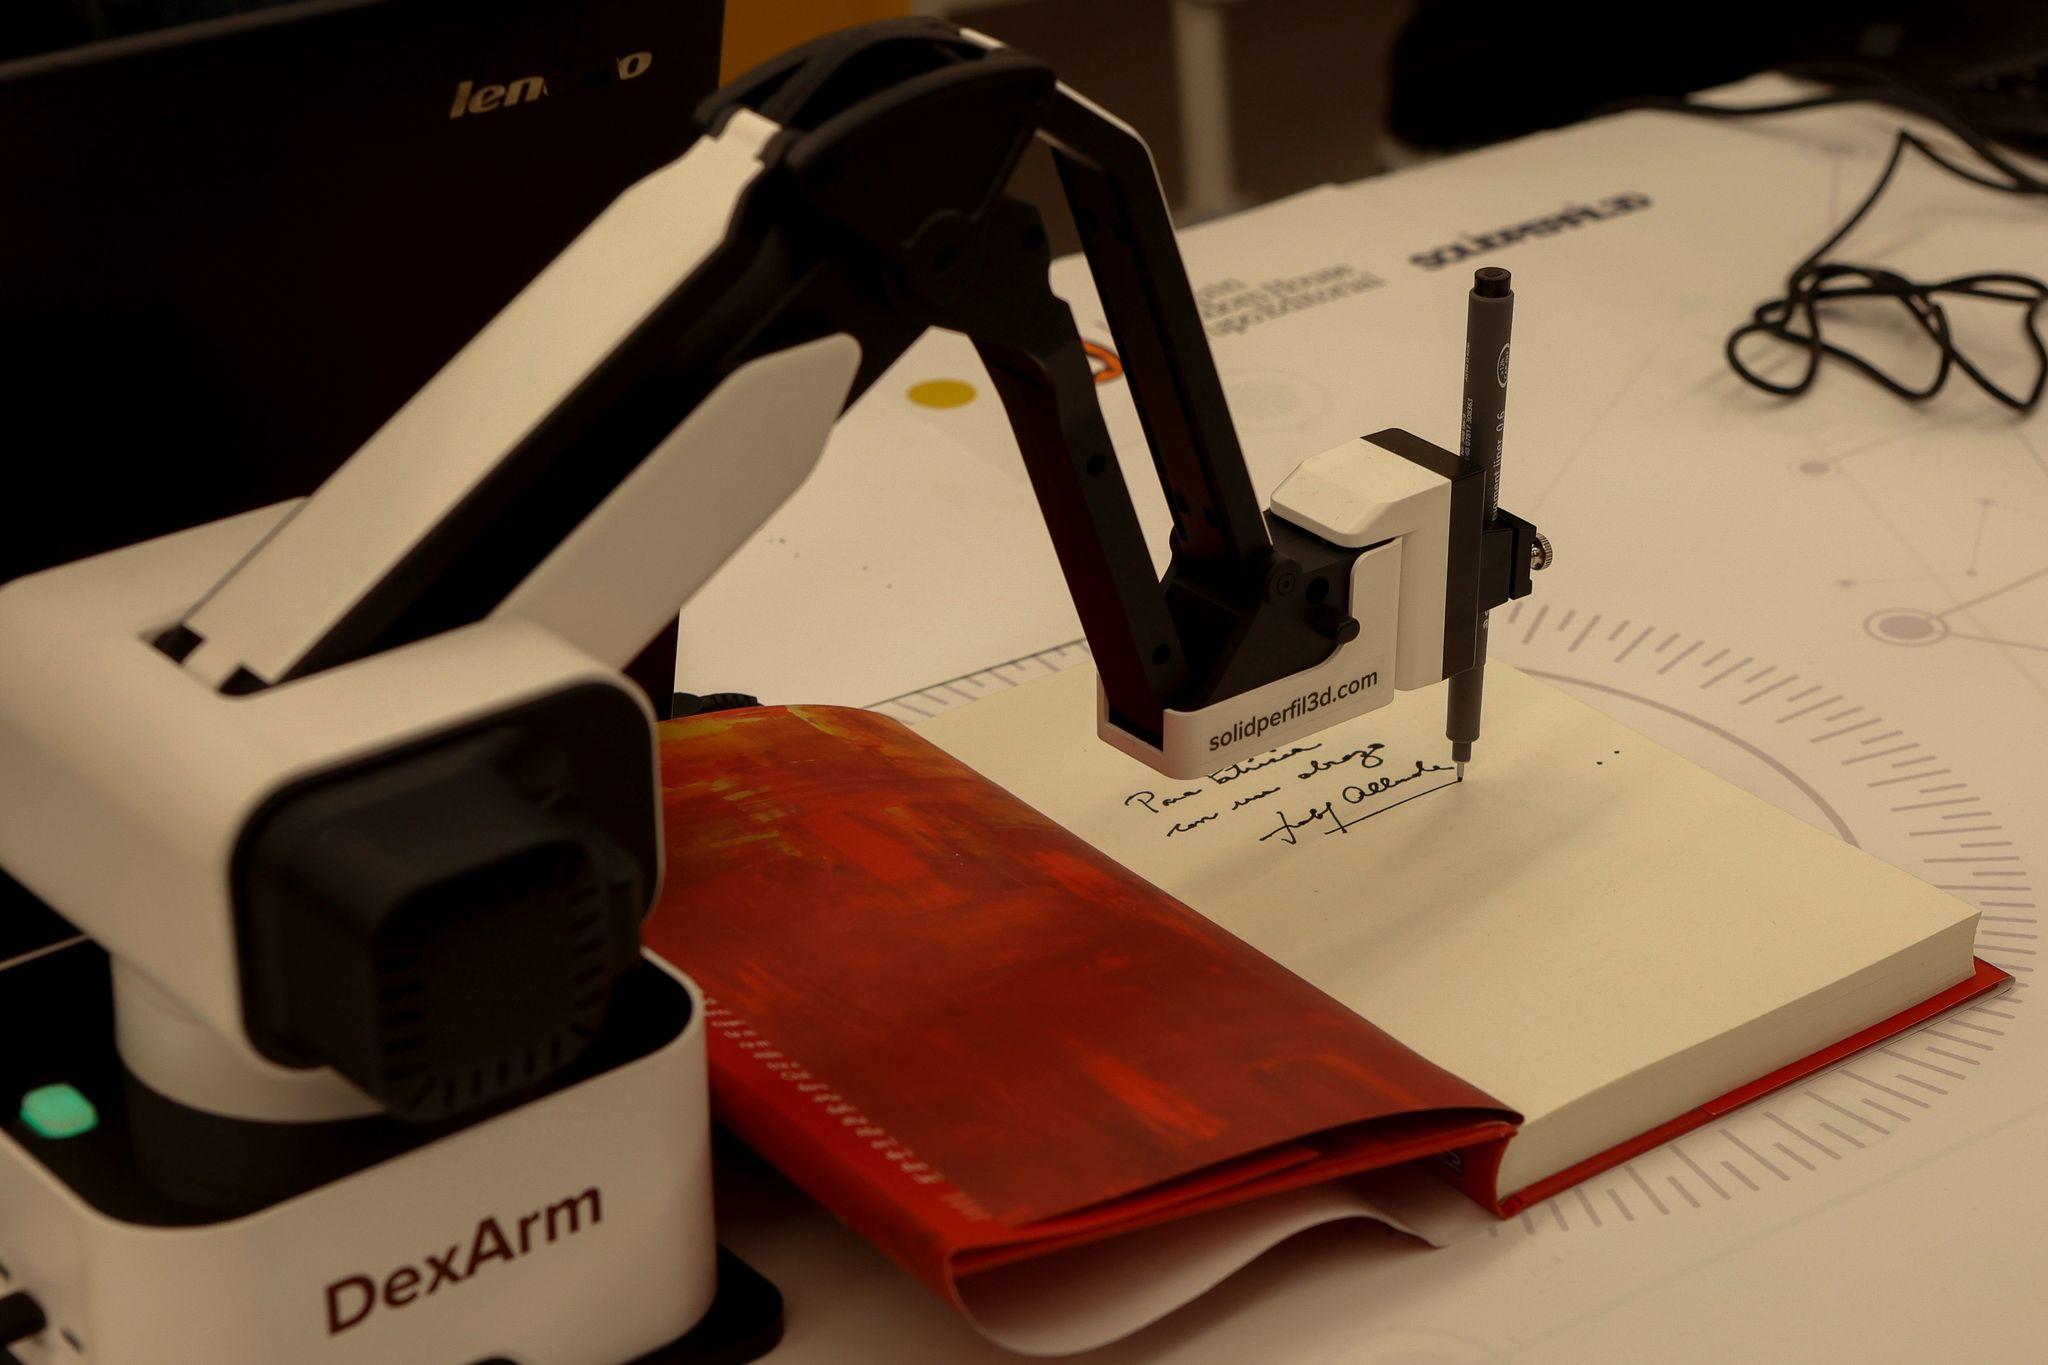 Un brazo robótico firma un libro de modo telemático.